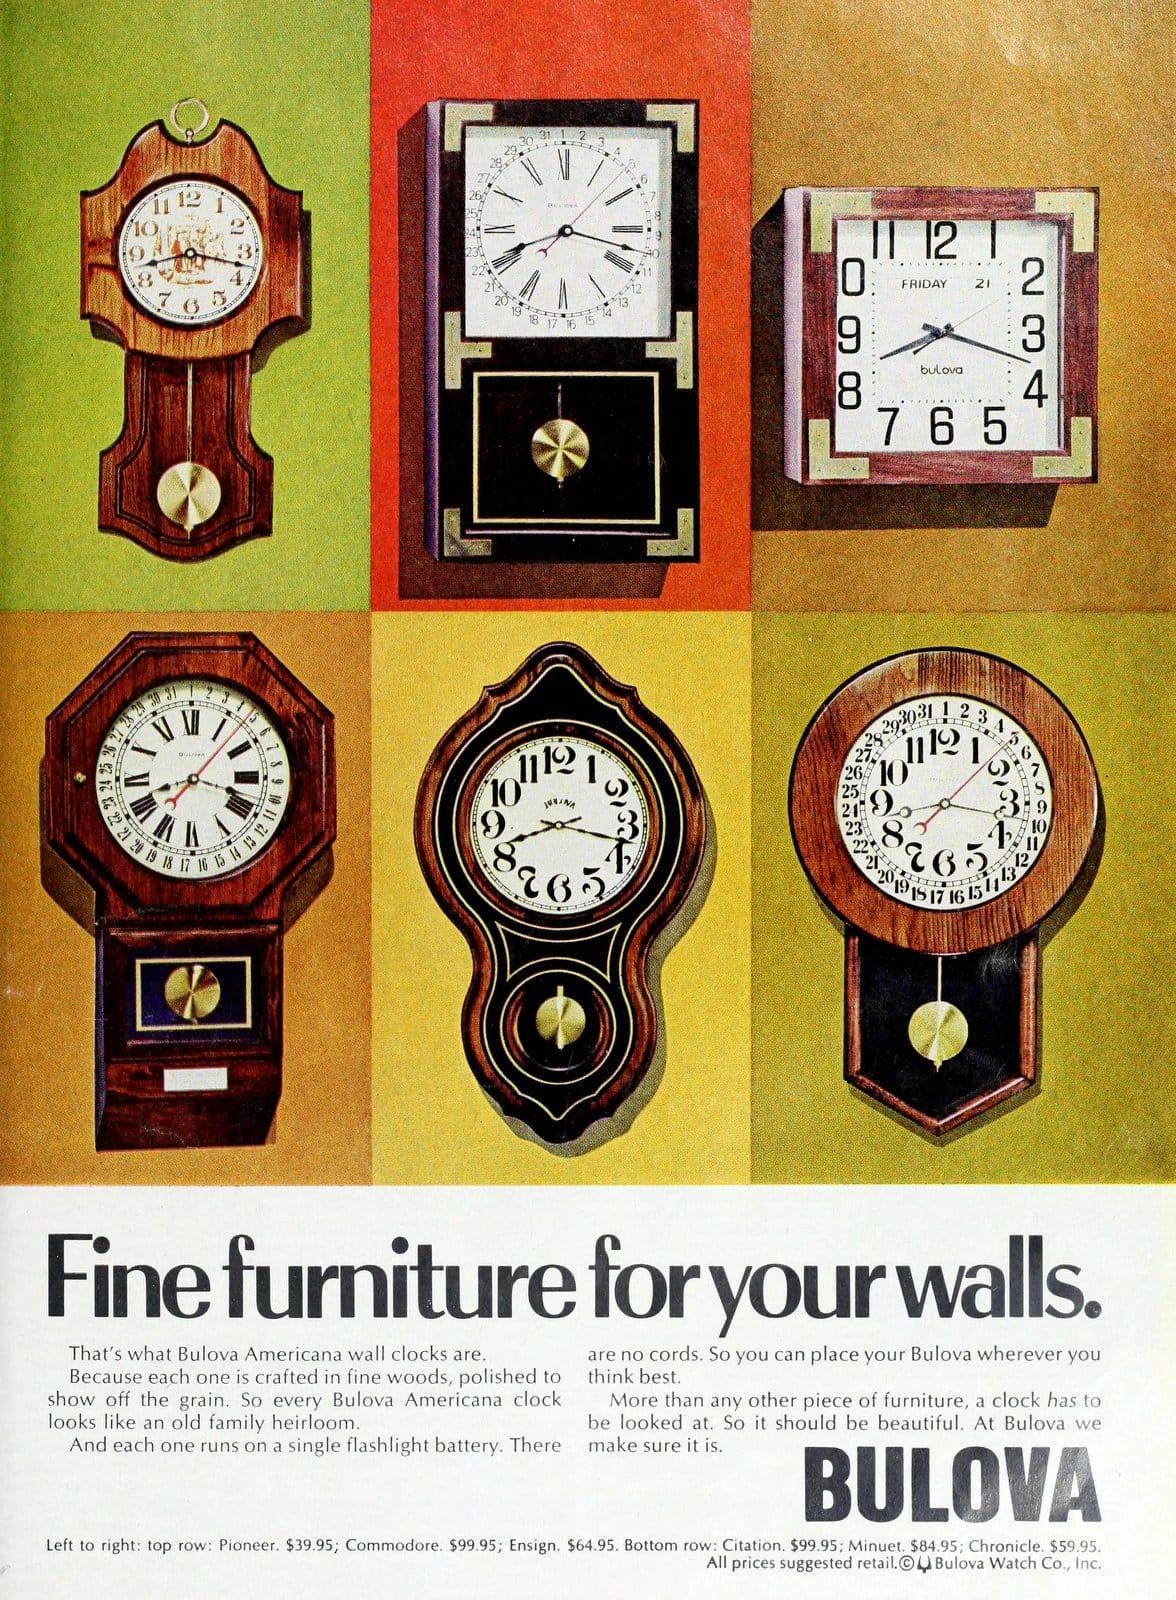 Vintage Bulova wall clocks (1976)